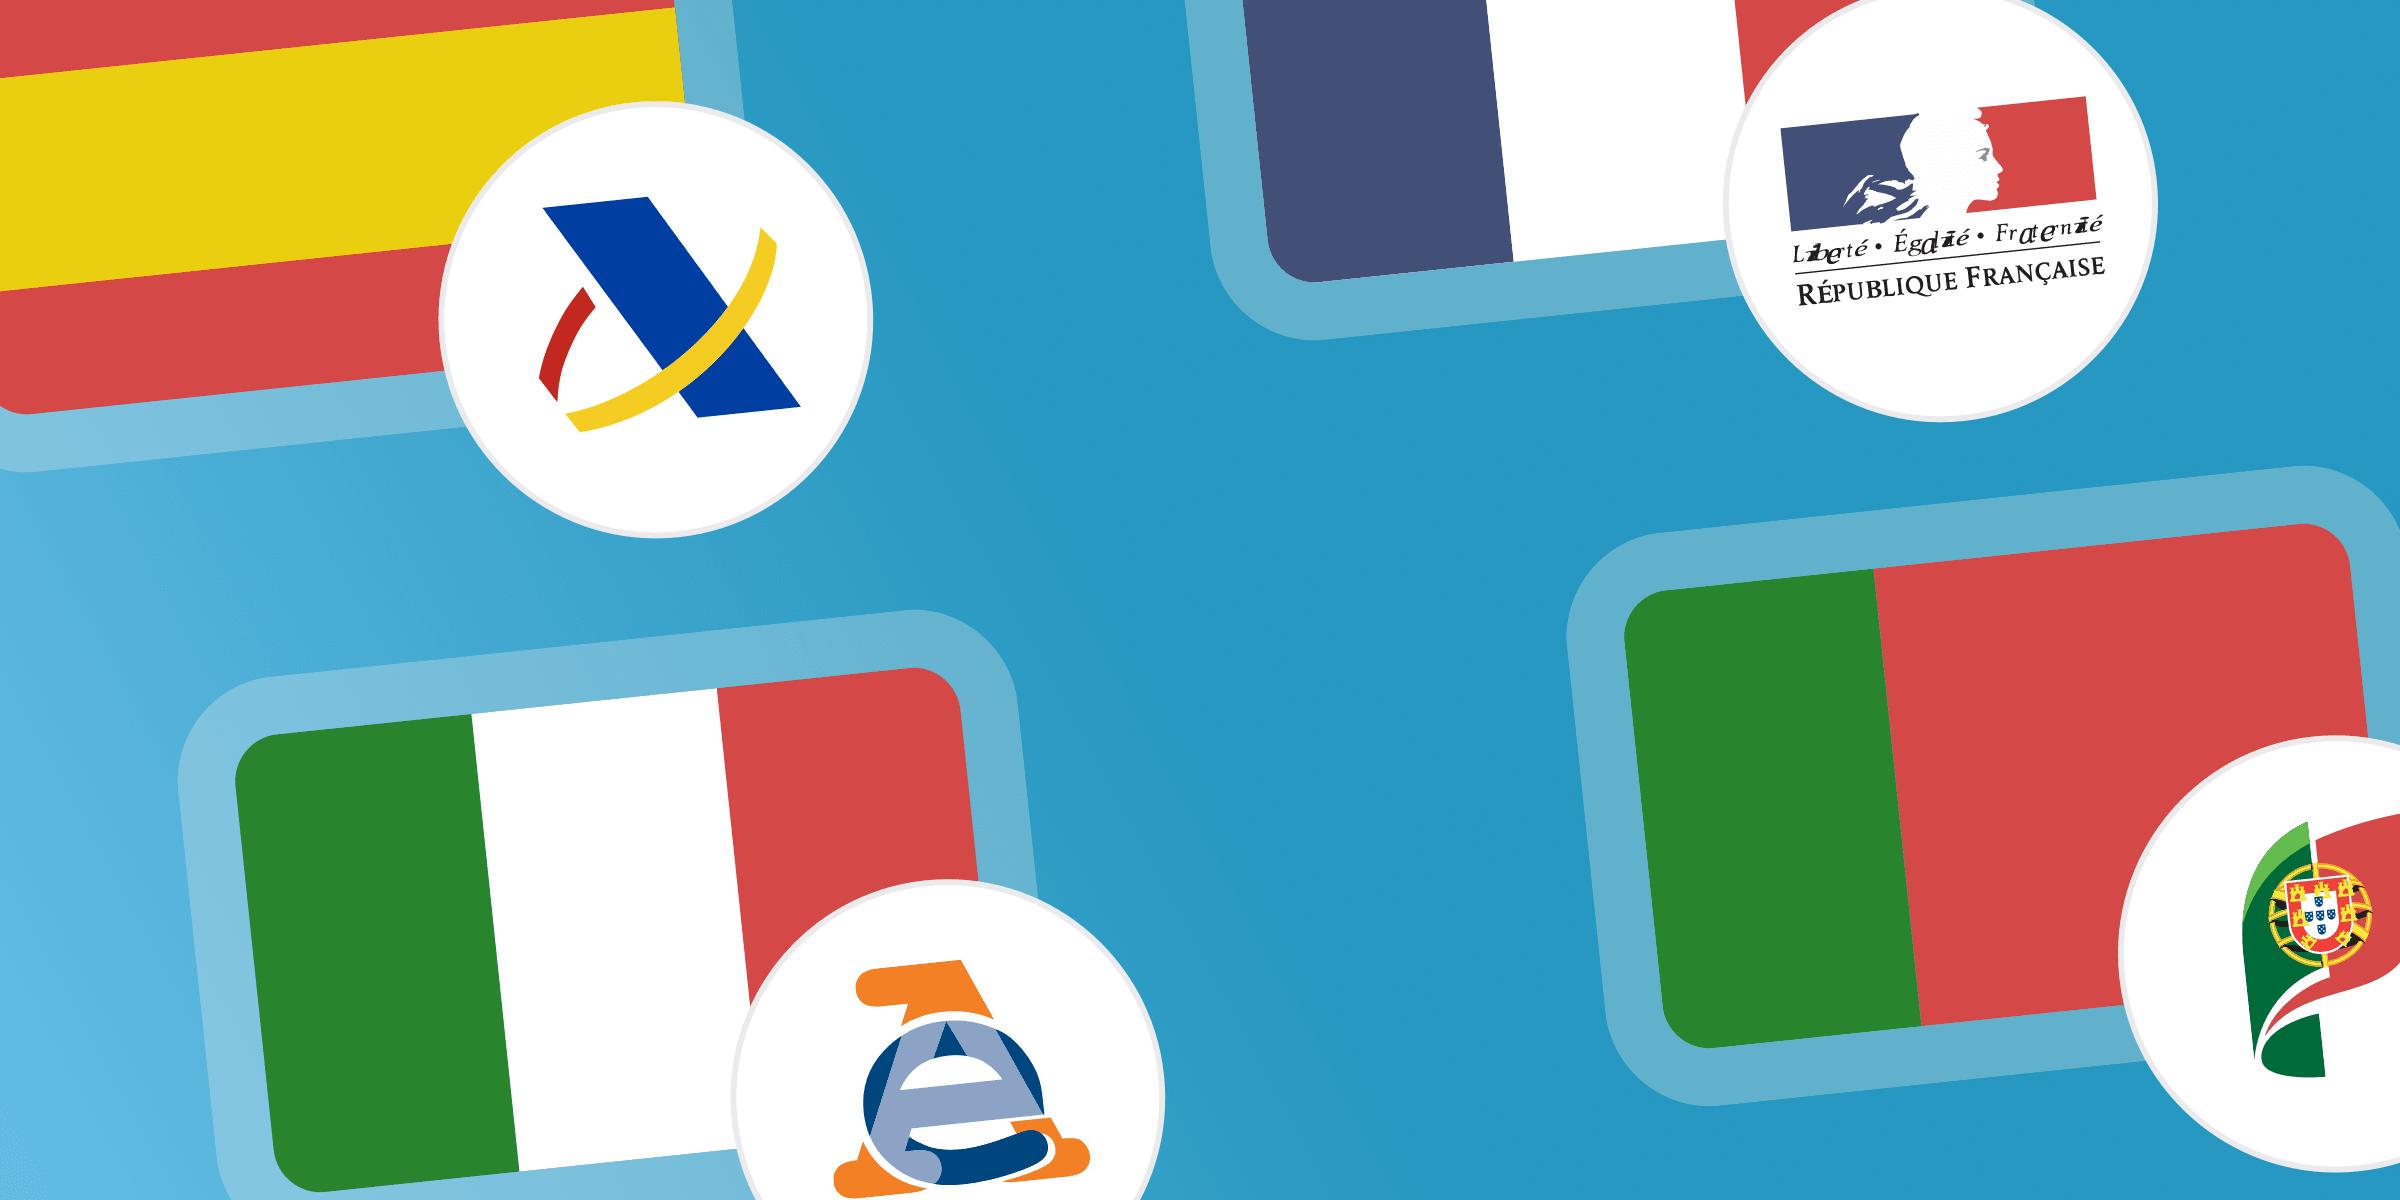 Ahora Captio permite la eliminación del papel en Portugal y en Francia